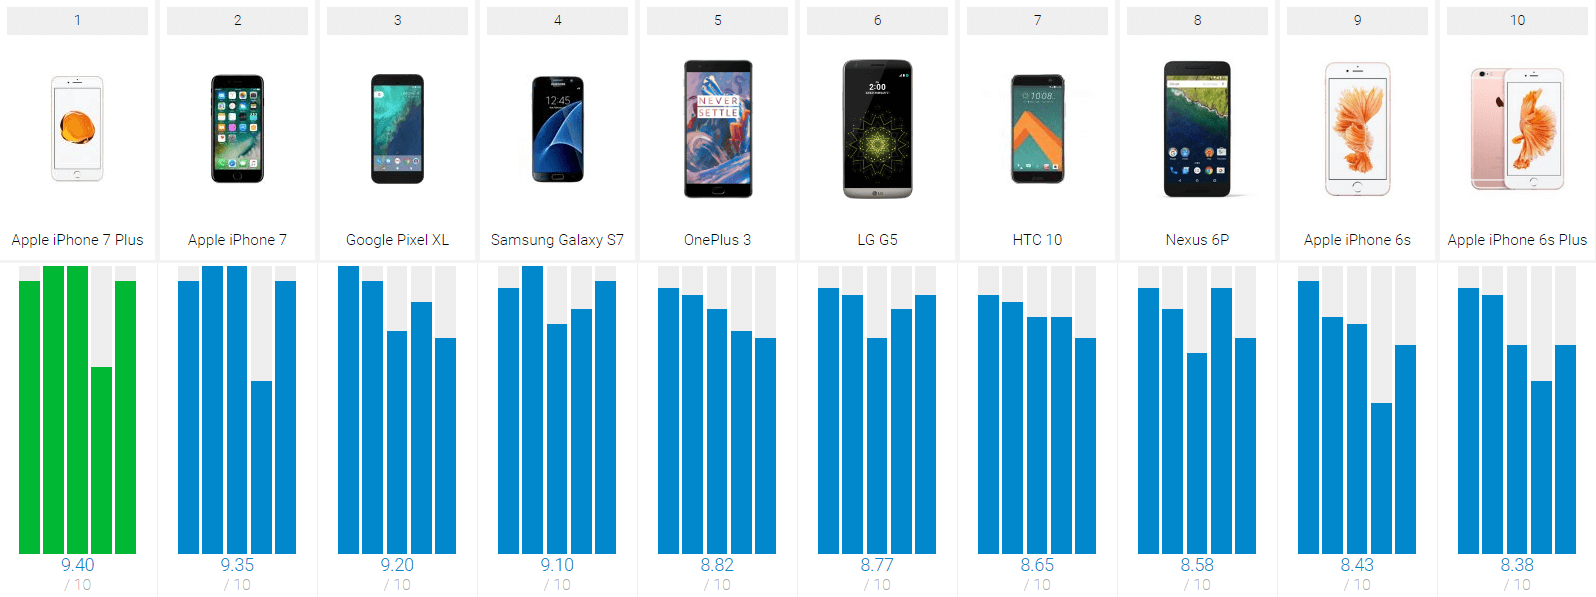 Top-10-Smartphones-of-2016-Top-Ten-Reviews